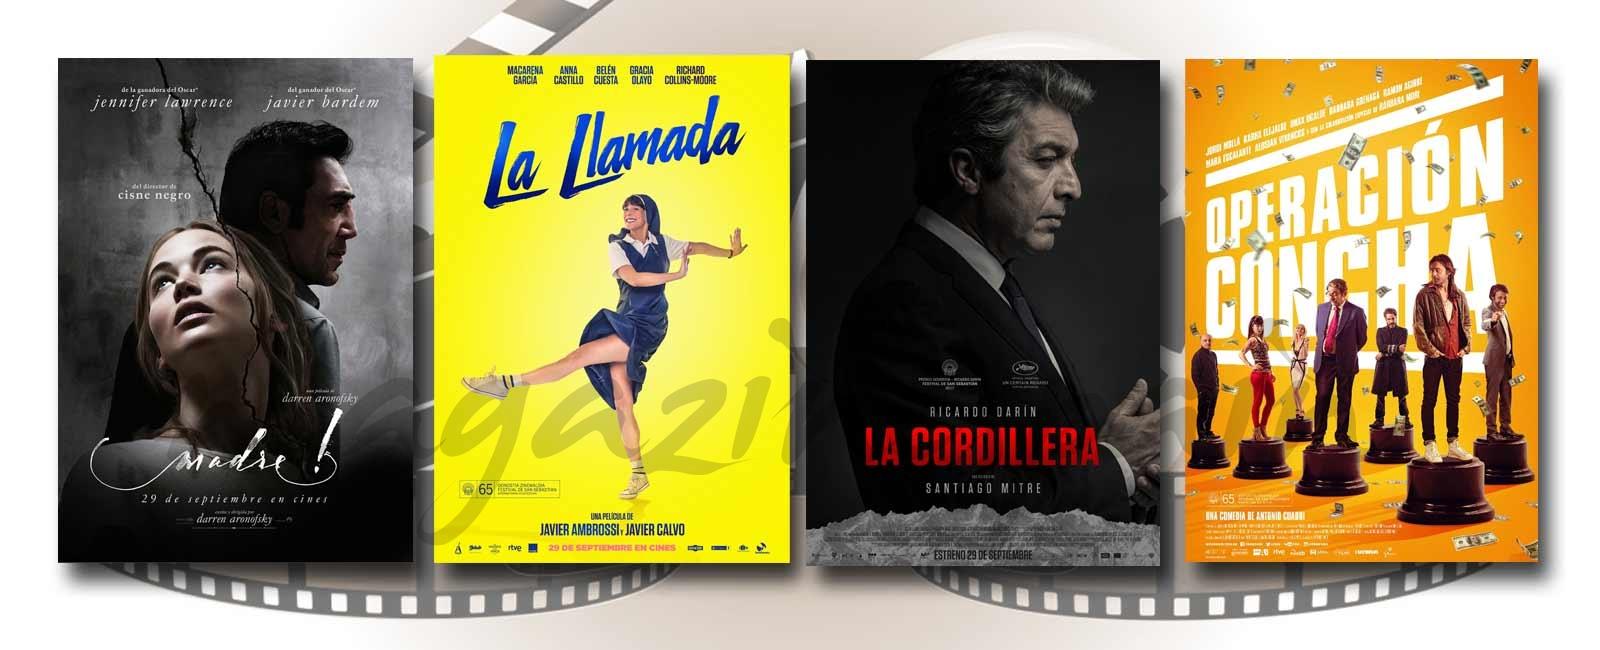 Estrenos de Cine de la Semana… 29 de Septiembre 2017